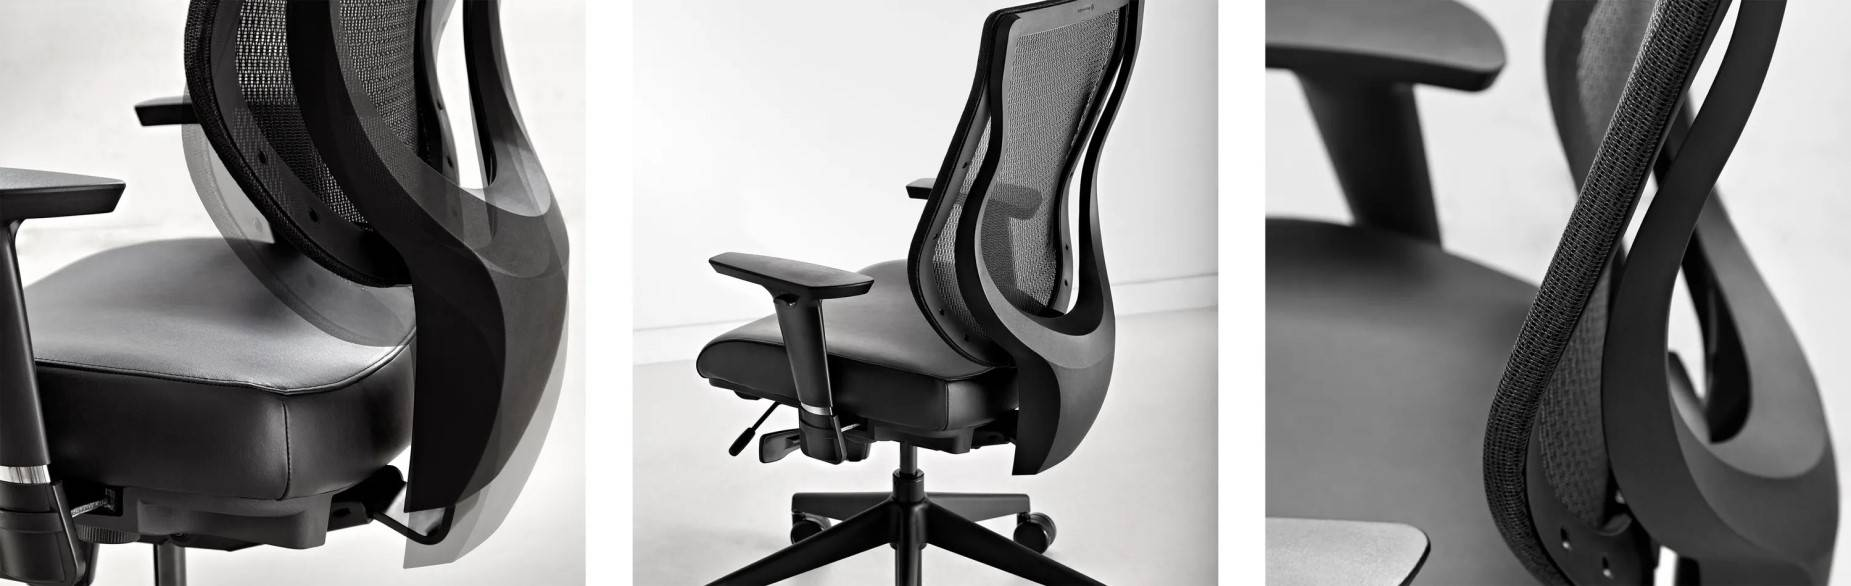 YouToo ergonomic chair Ergonofis